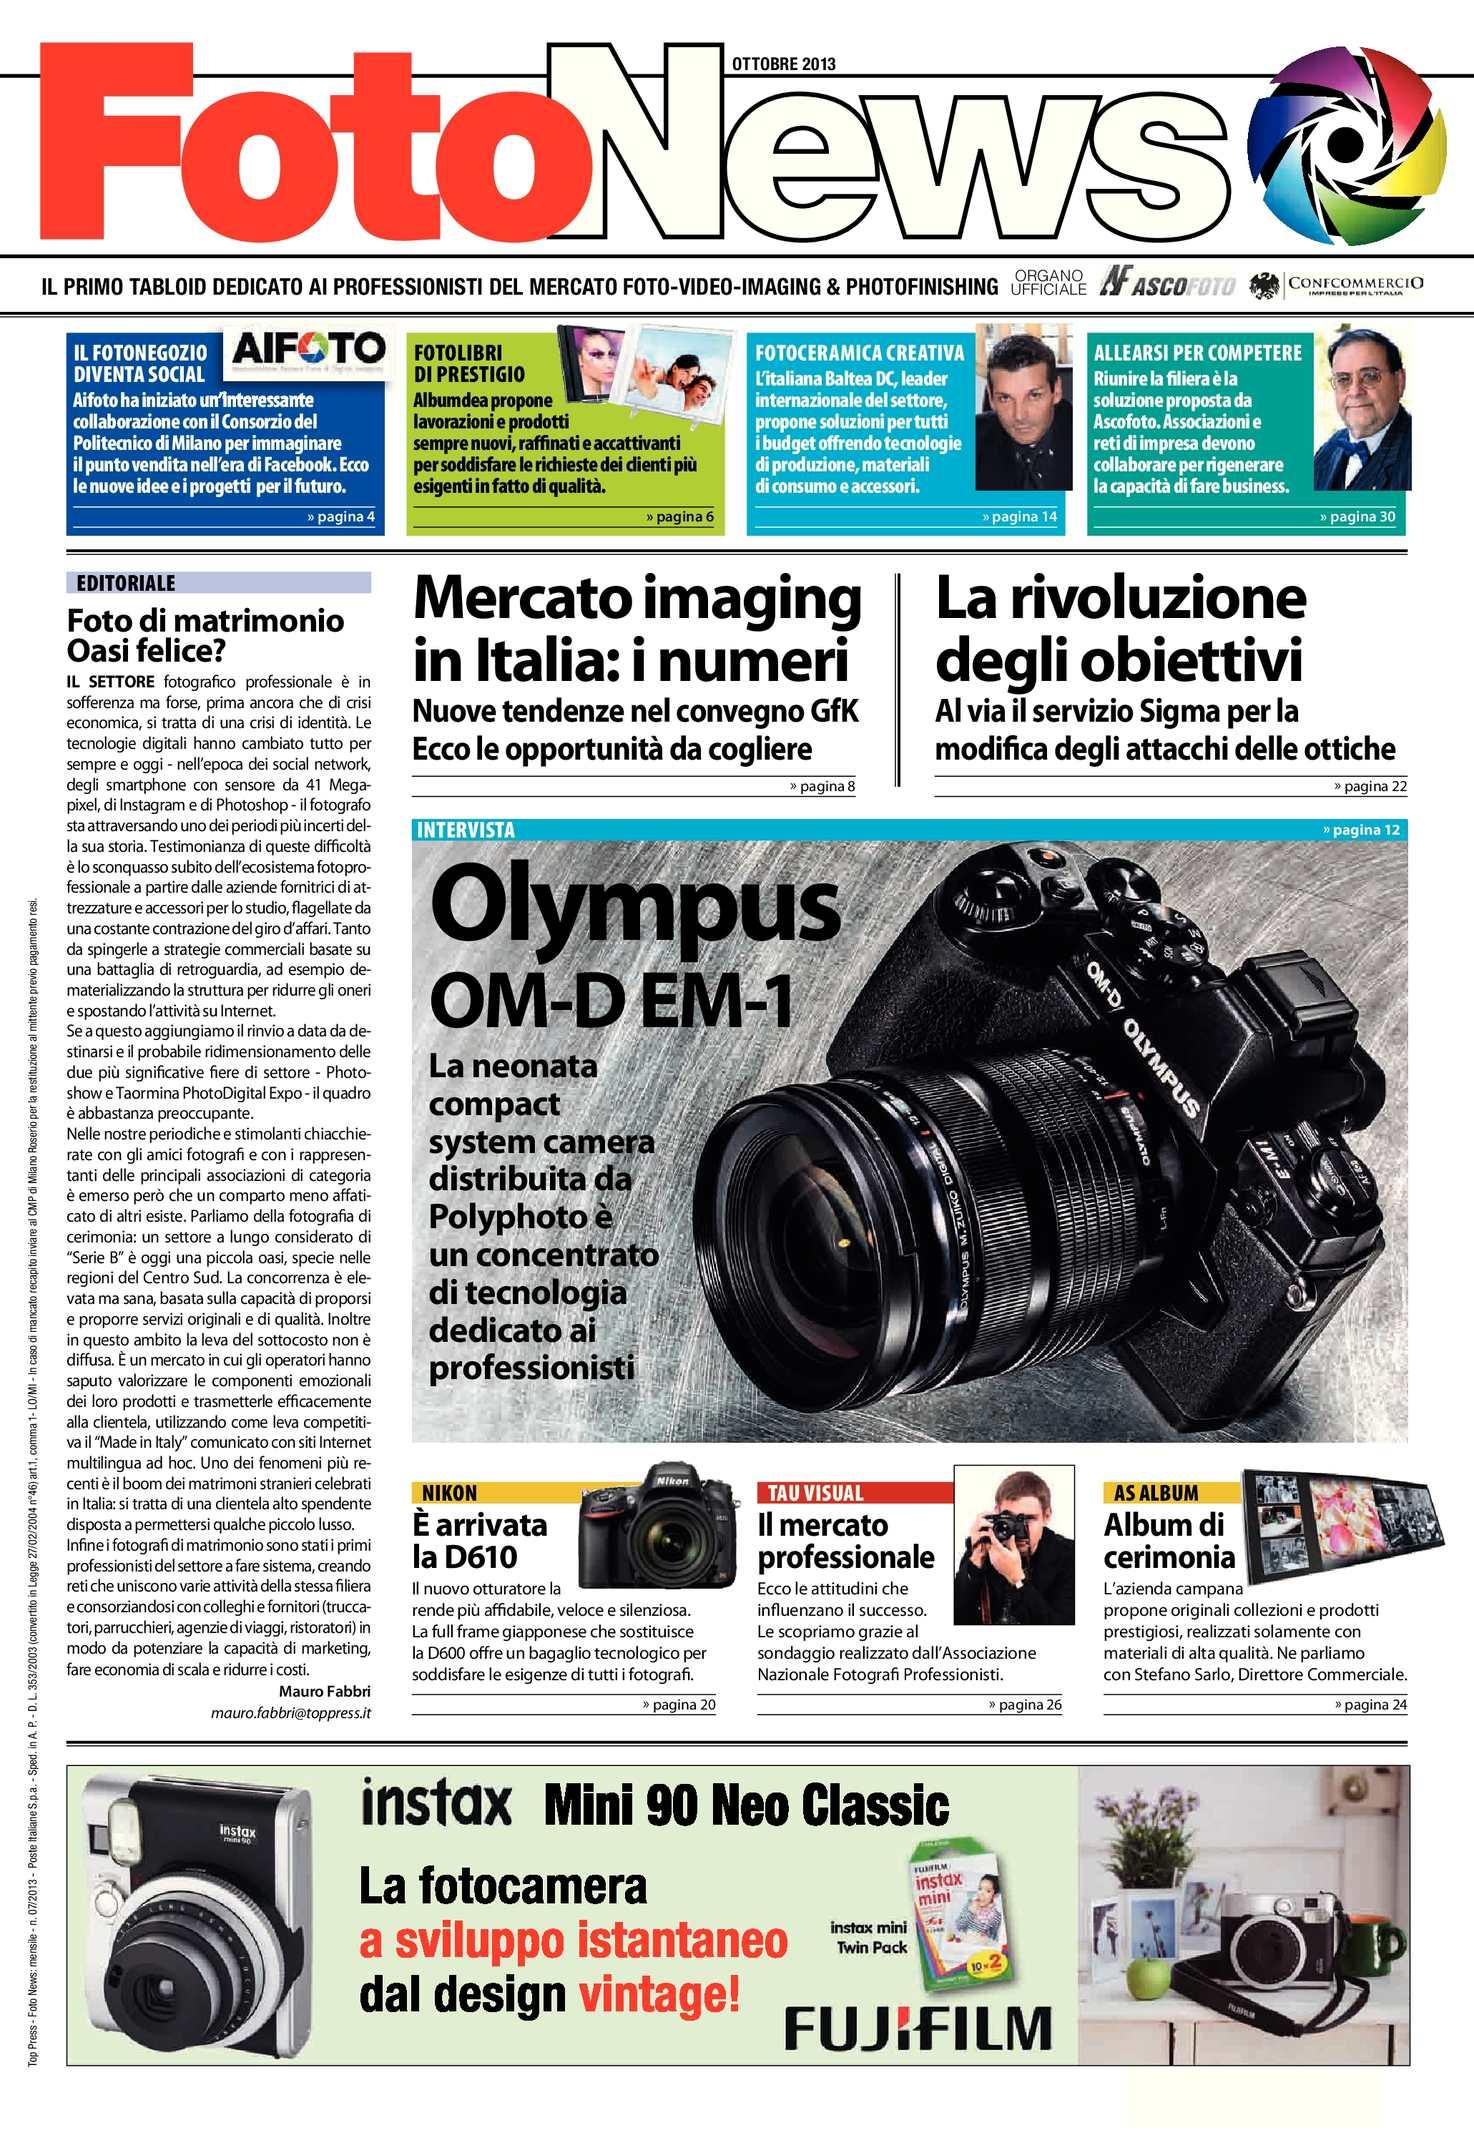 FotoNews 07/2013